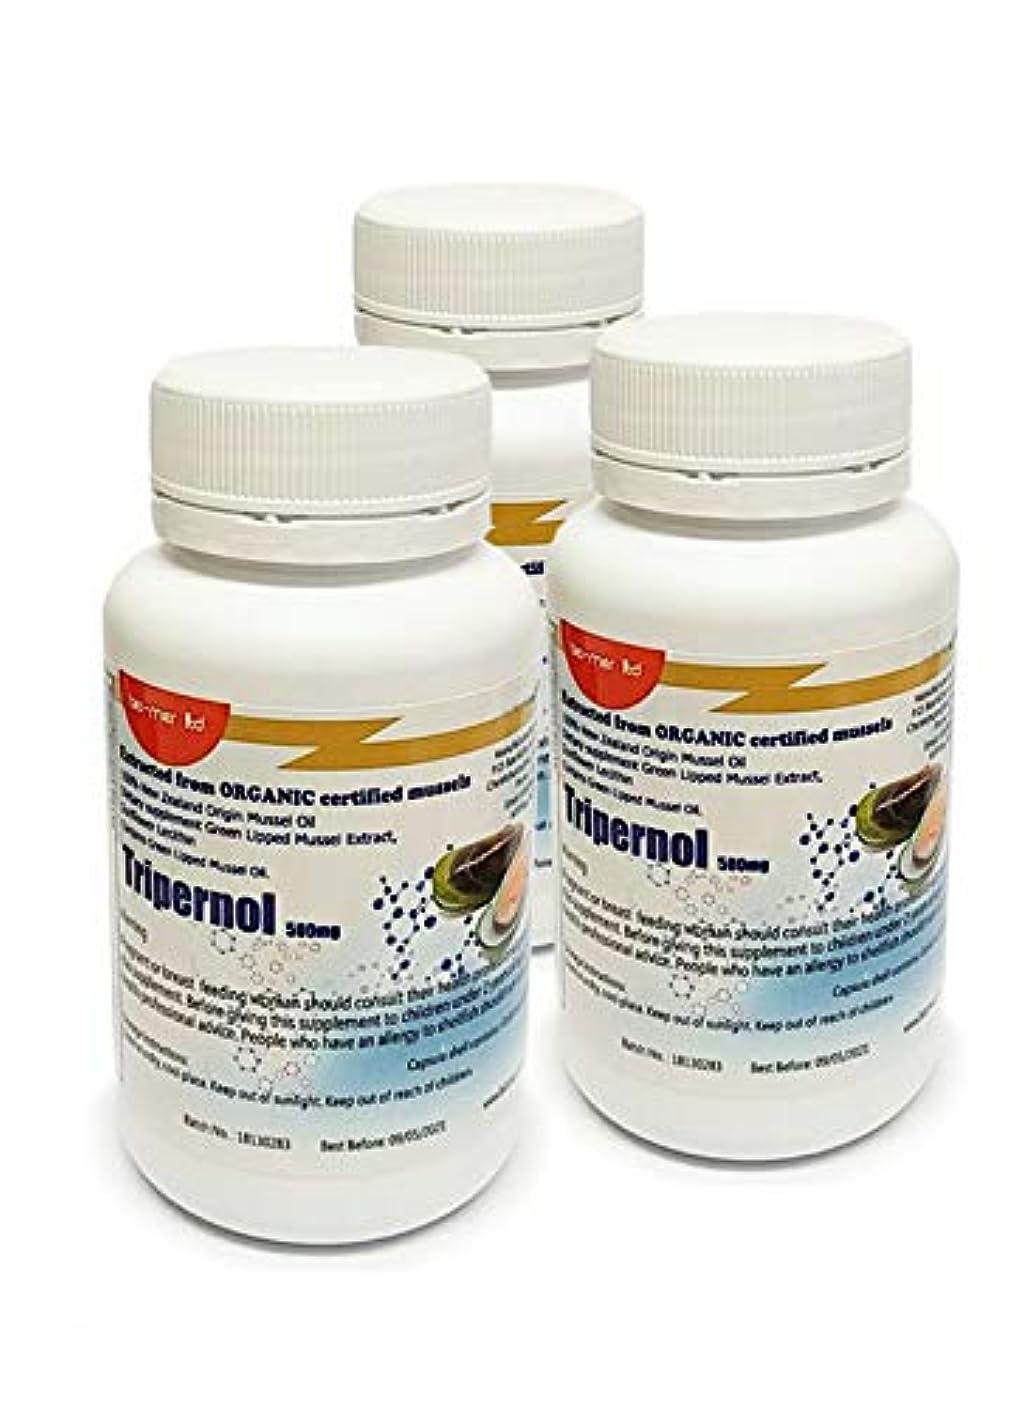 人間フリンジセレナニュージーランドグリンリップムール貝オイル TRIPERNOL 3 PACK - Three 60 count bottles (180 soft gels) - Green Lipped Mussel Oil - EPA...